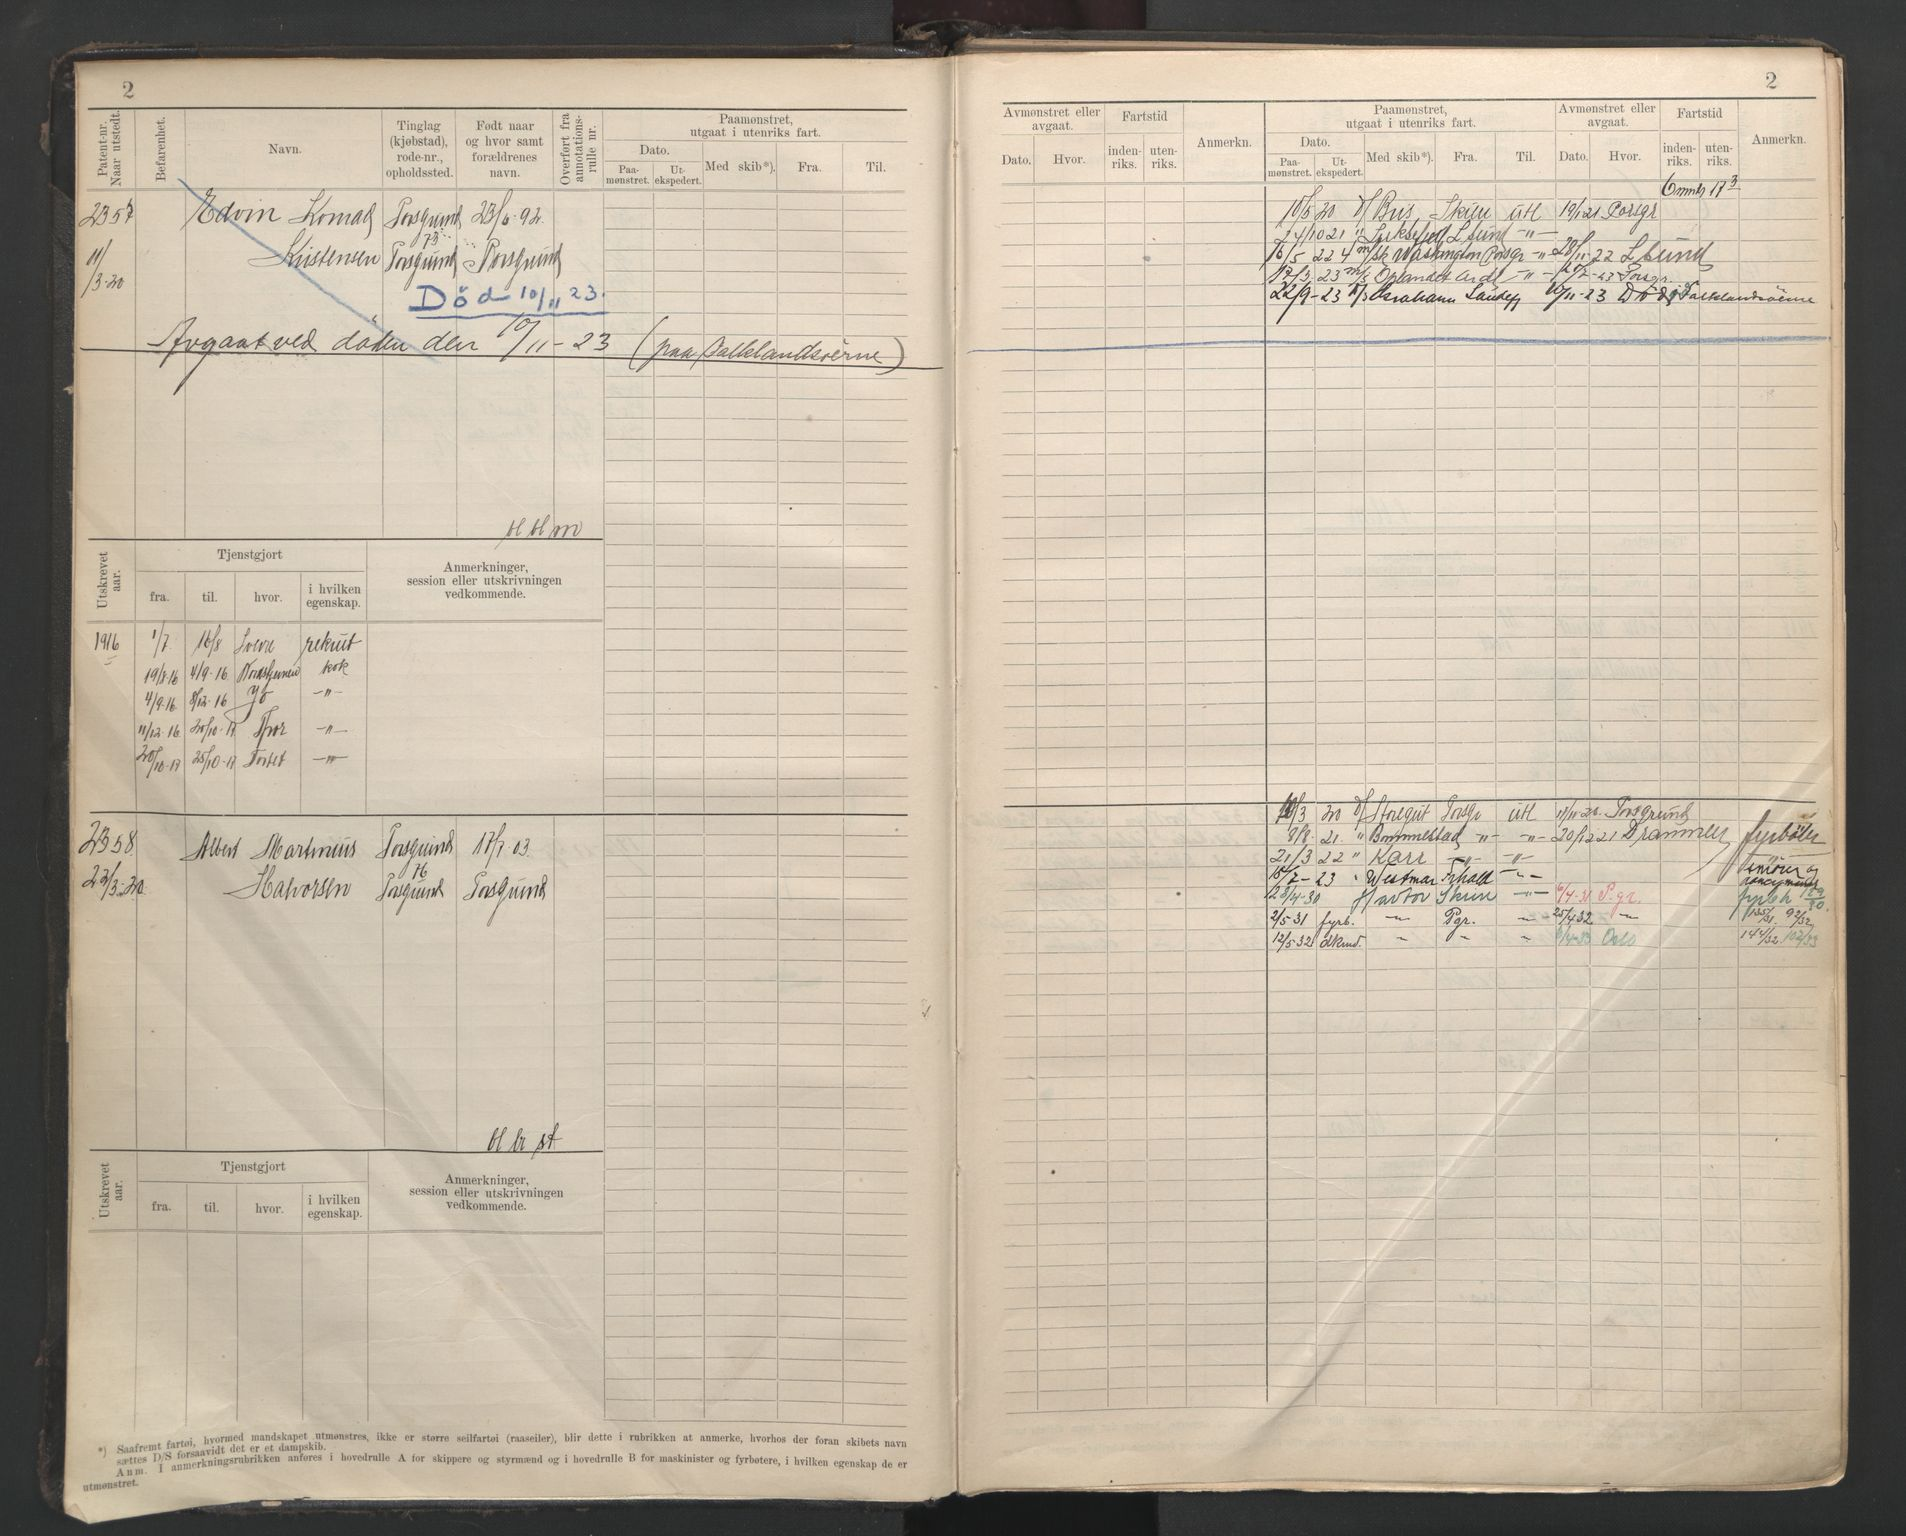 SAKO, Porsgrunn innrulleringskontor, F/Fb/L0007: Annotasjonsrulle, 1926-1948, s. 2